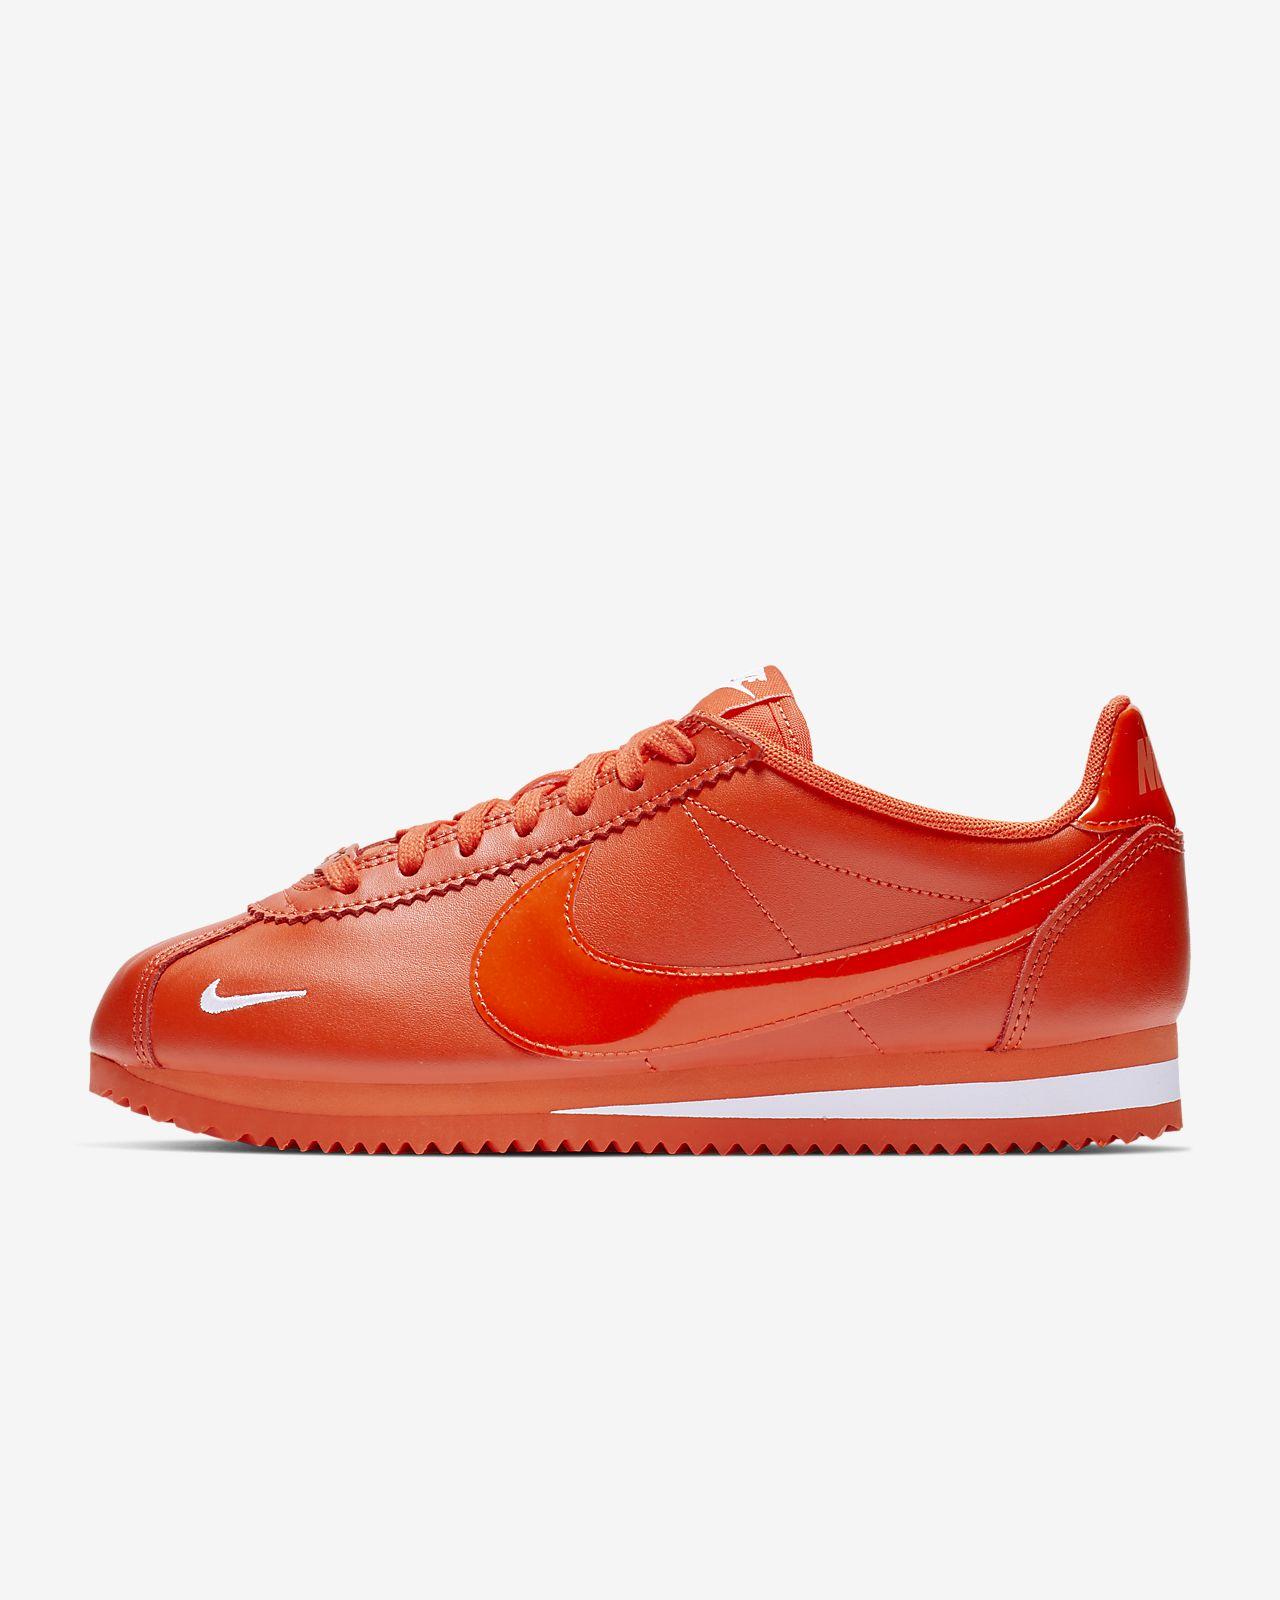 finest selection 06007 124ed ... Nike Classic Cortez Premium Women s Shoe